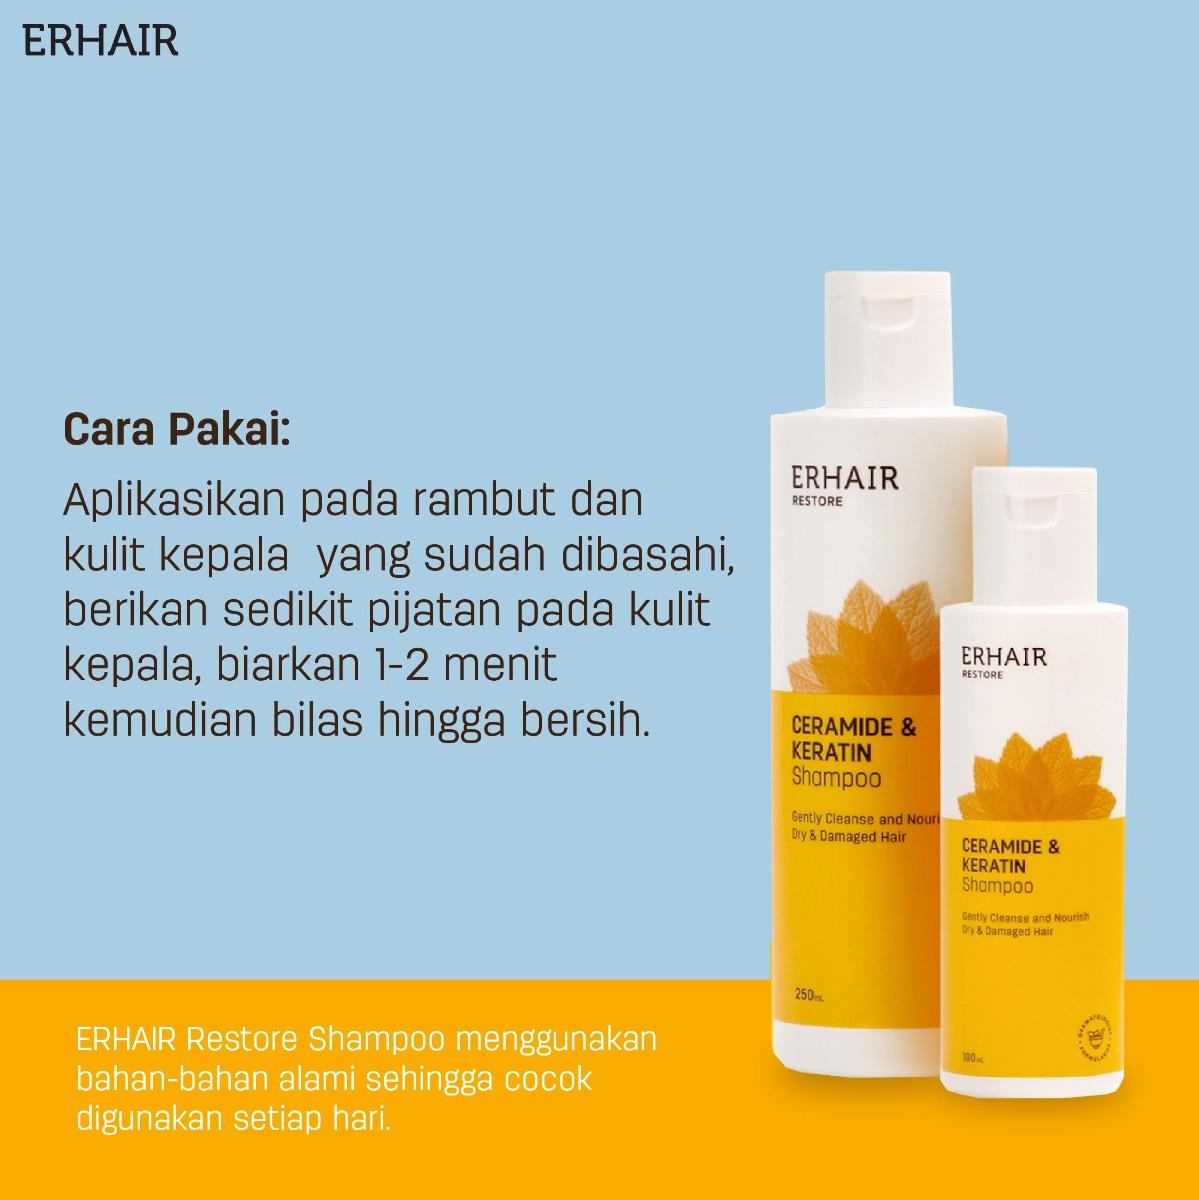 erhair restore